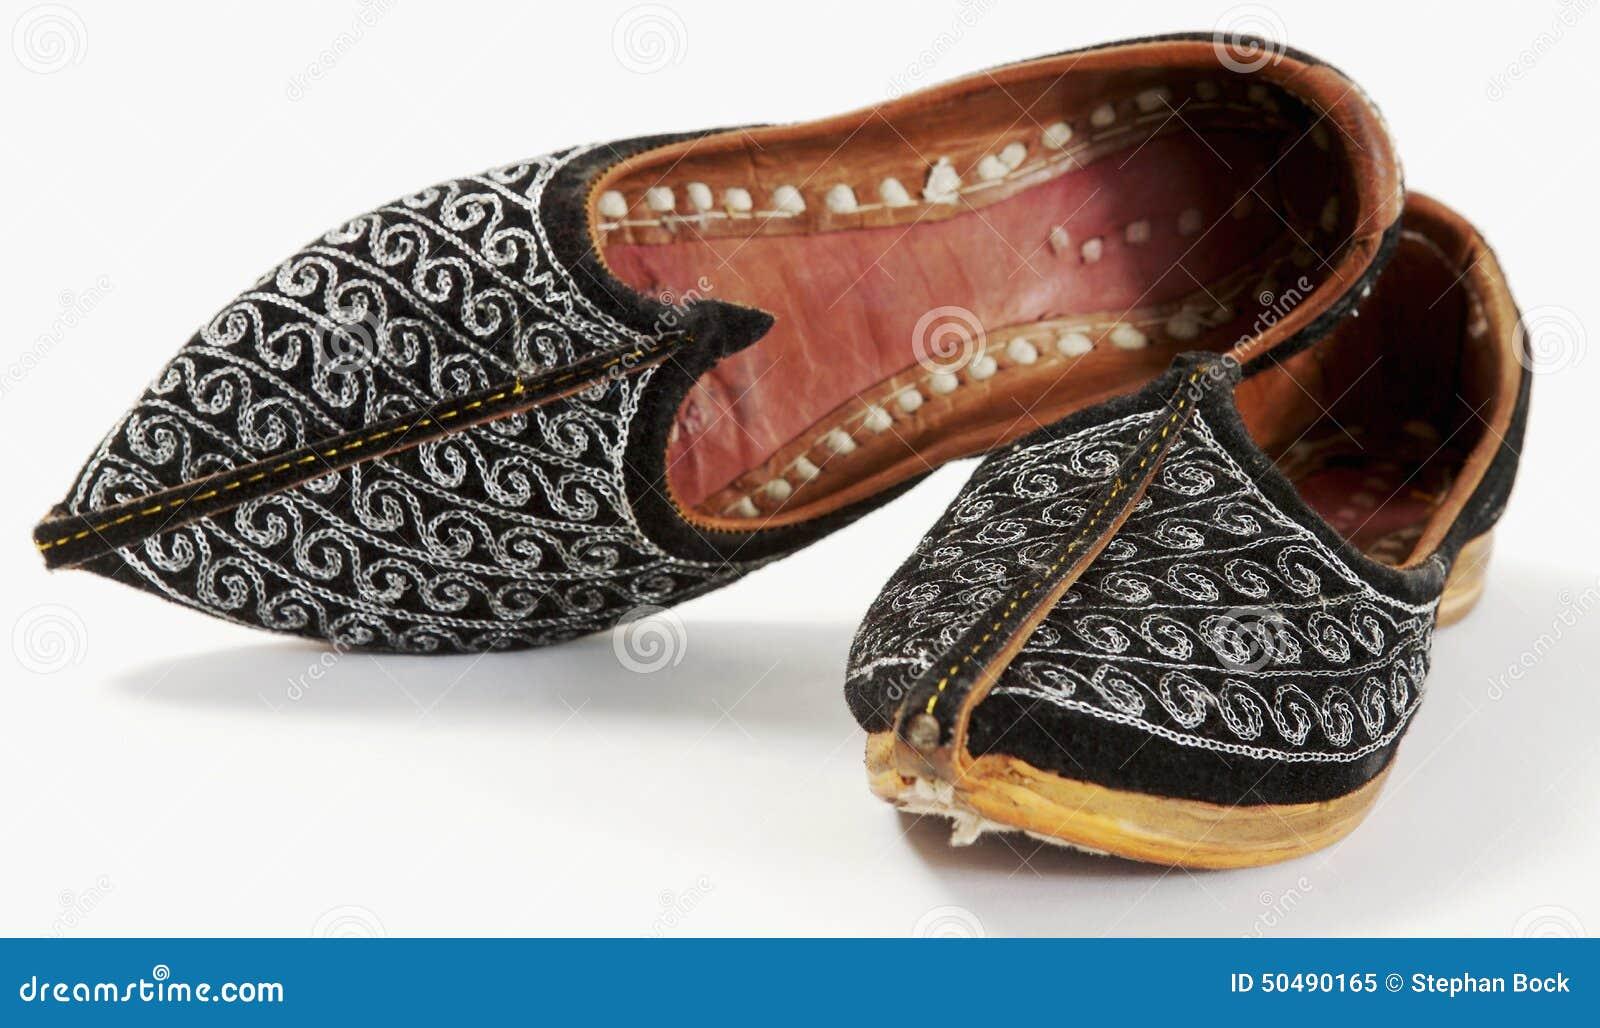 Orientalische Schuhe, Nahaufnahme Stockbild Bild von